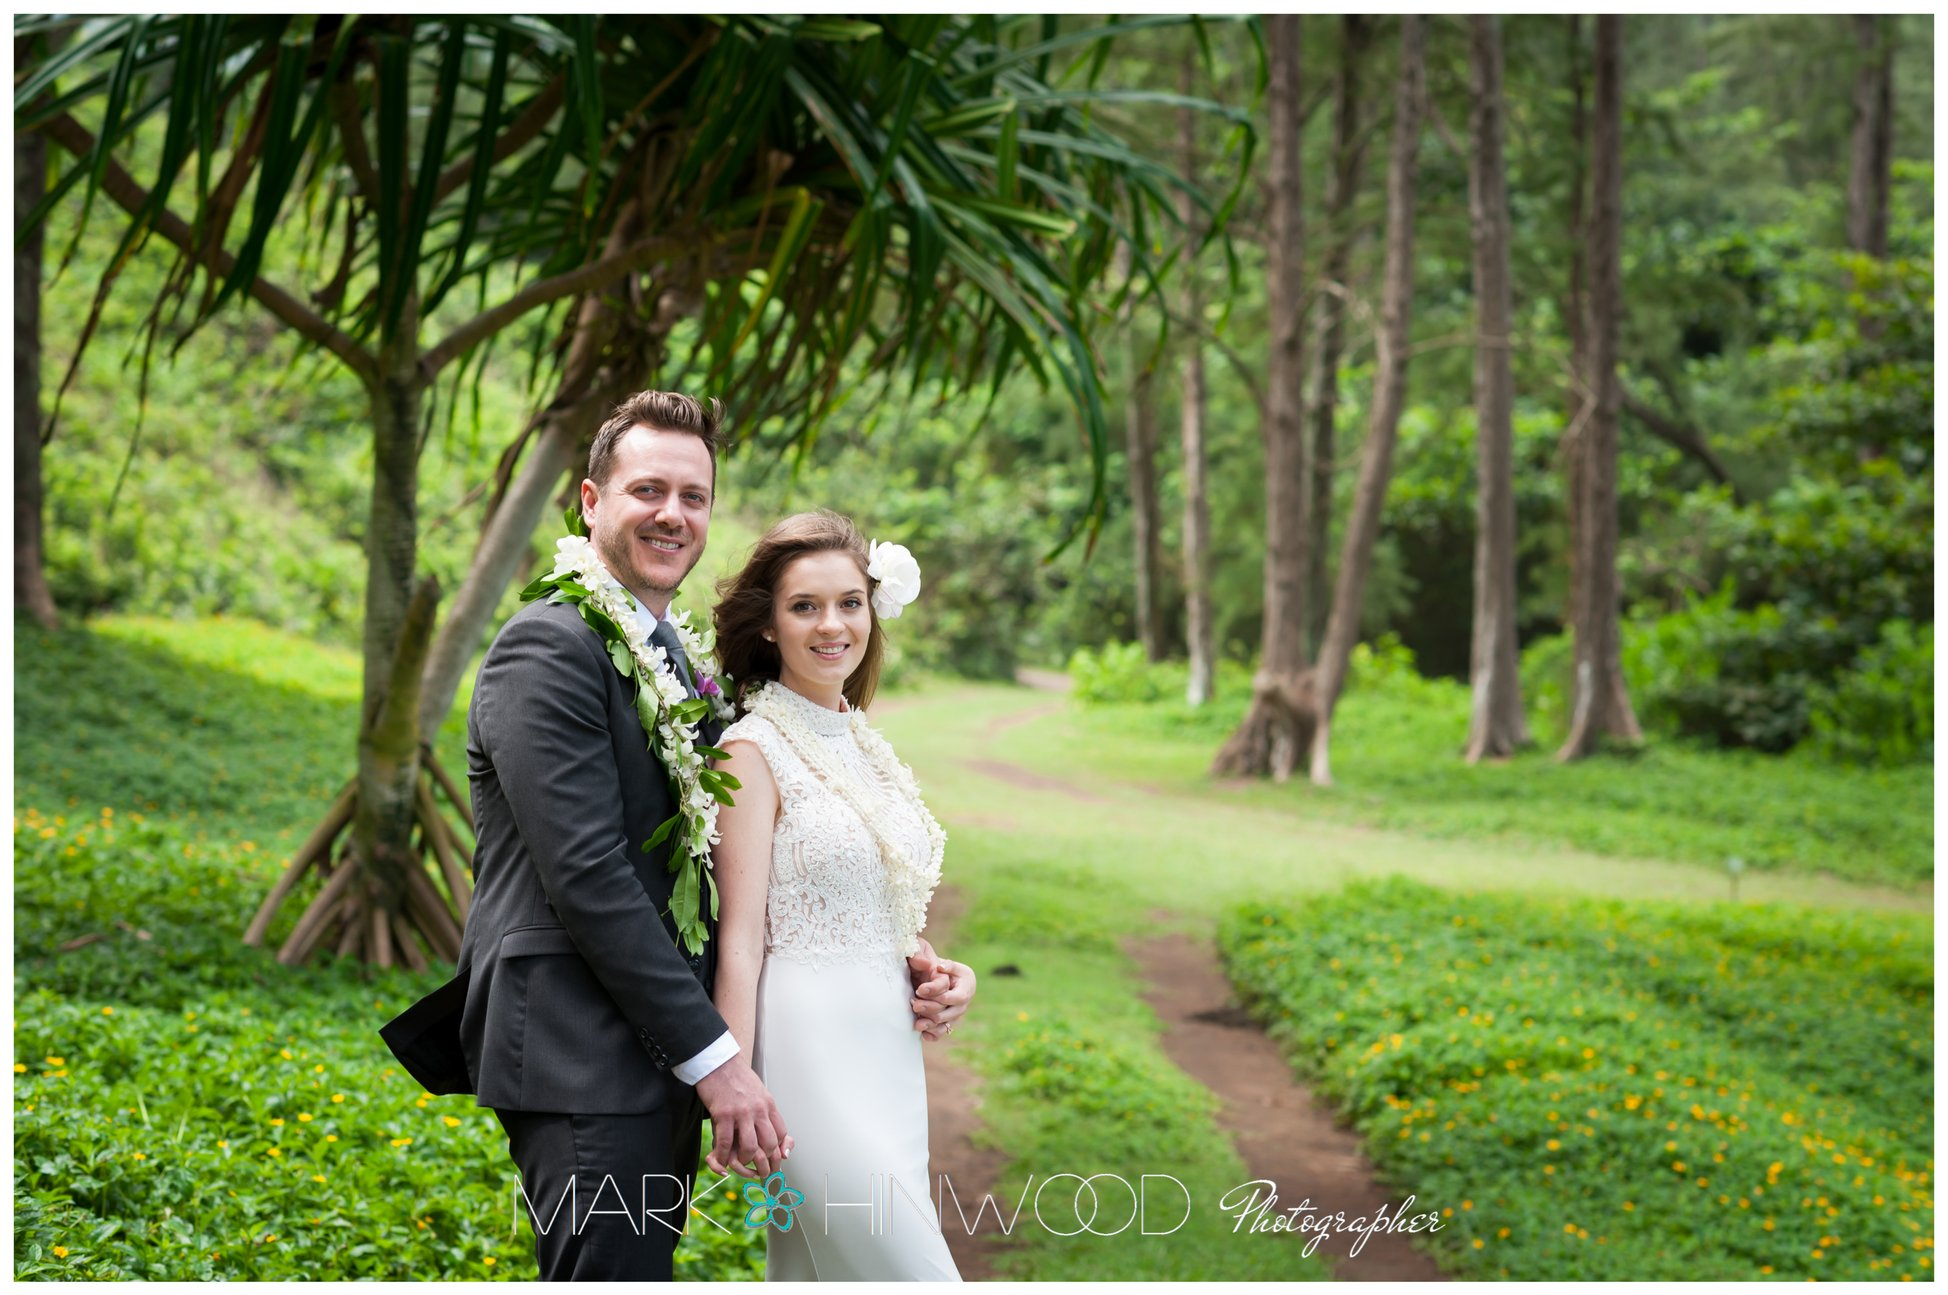 Amazing Hawaii Wedding Photography 2